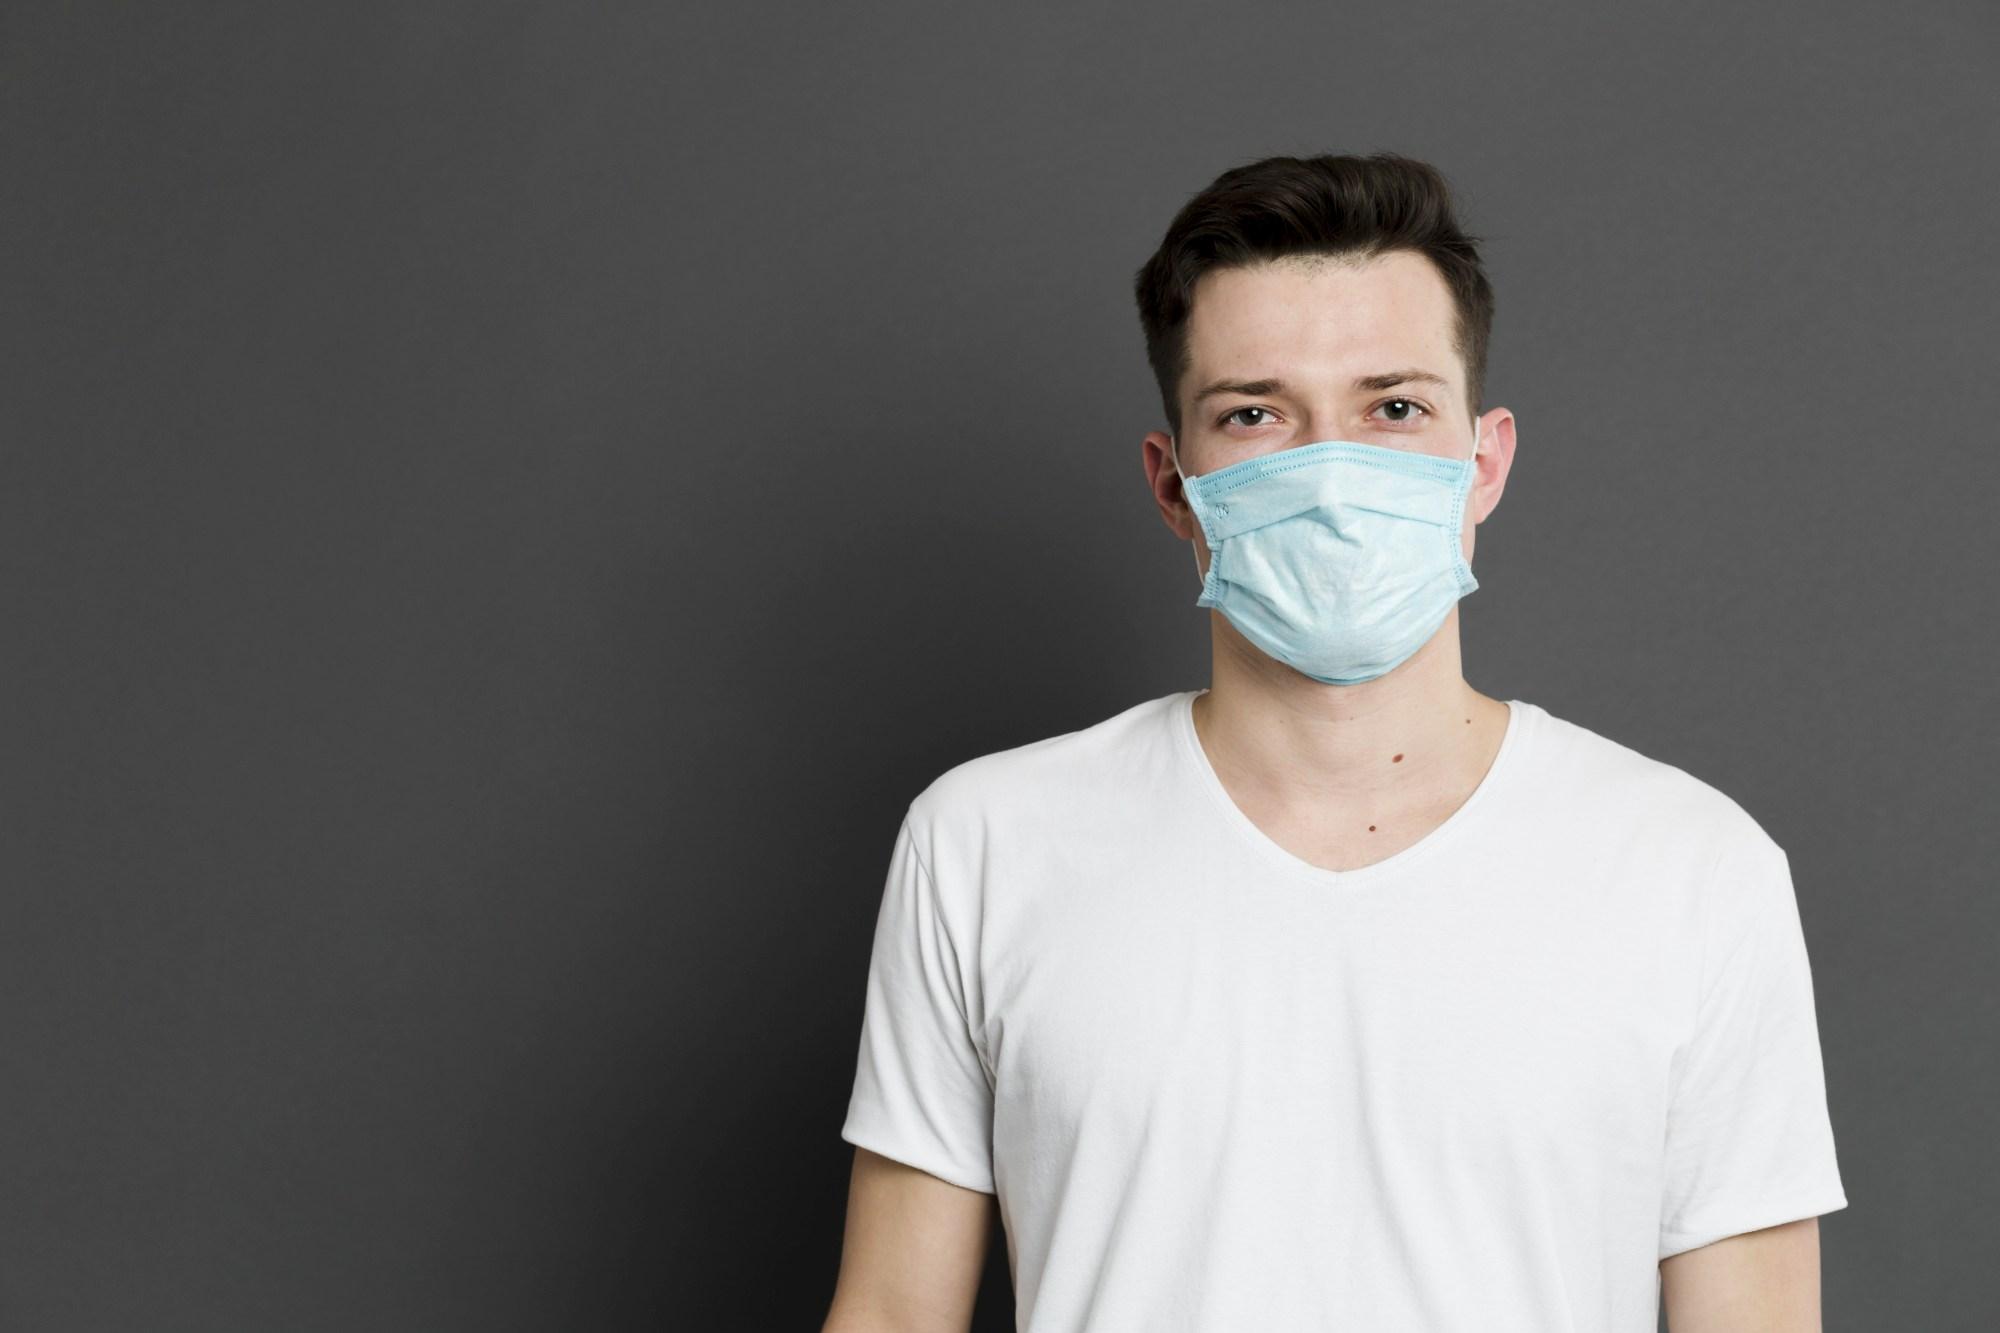 Kaitsemaskide kandmine koroonaviiruse ajal. Millist maski kasutada?